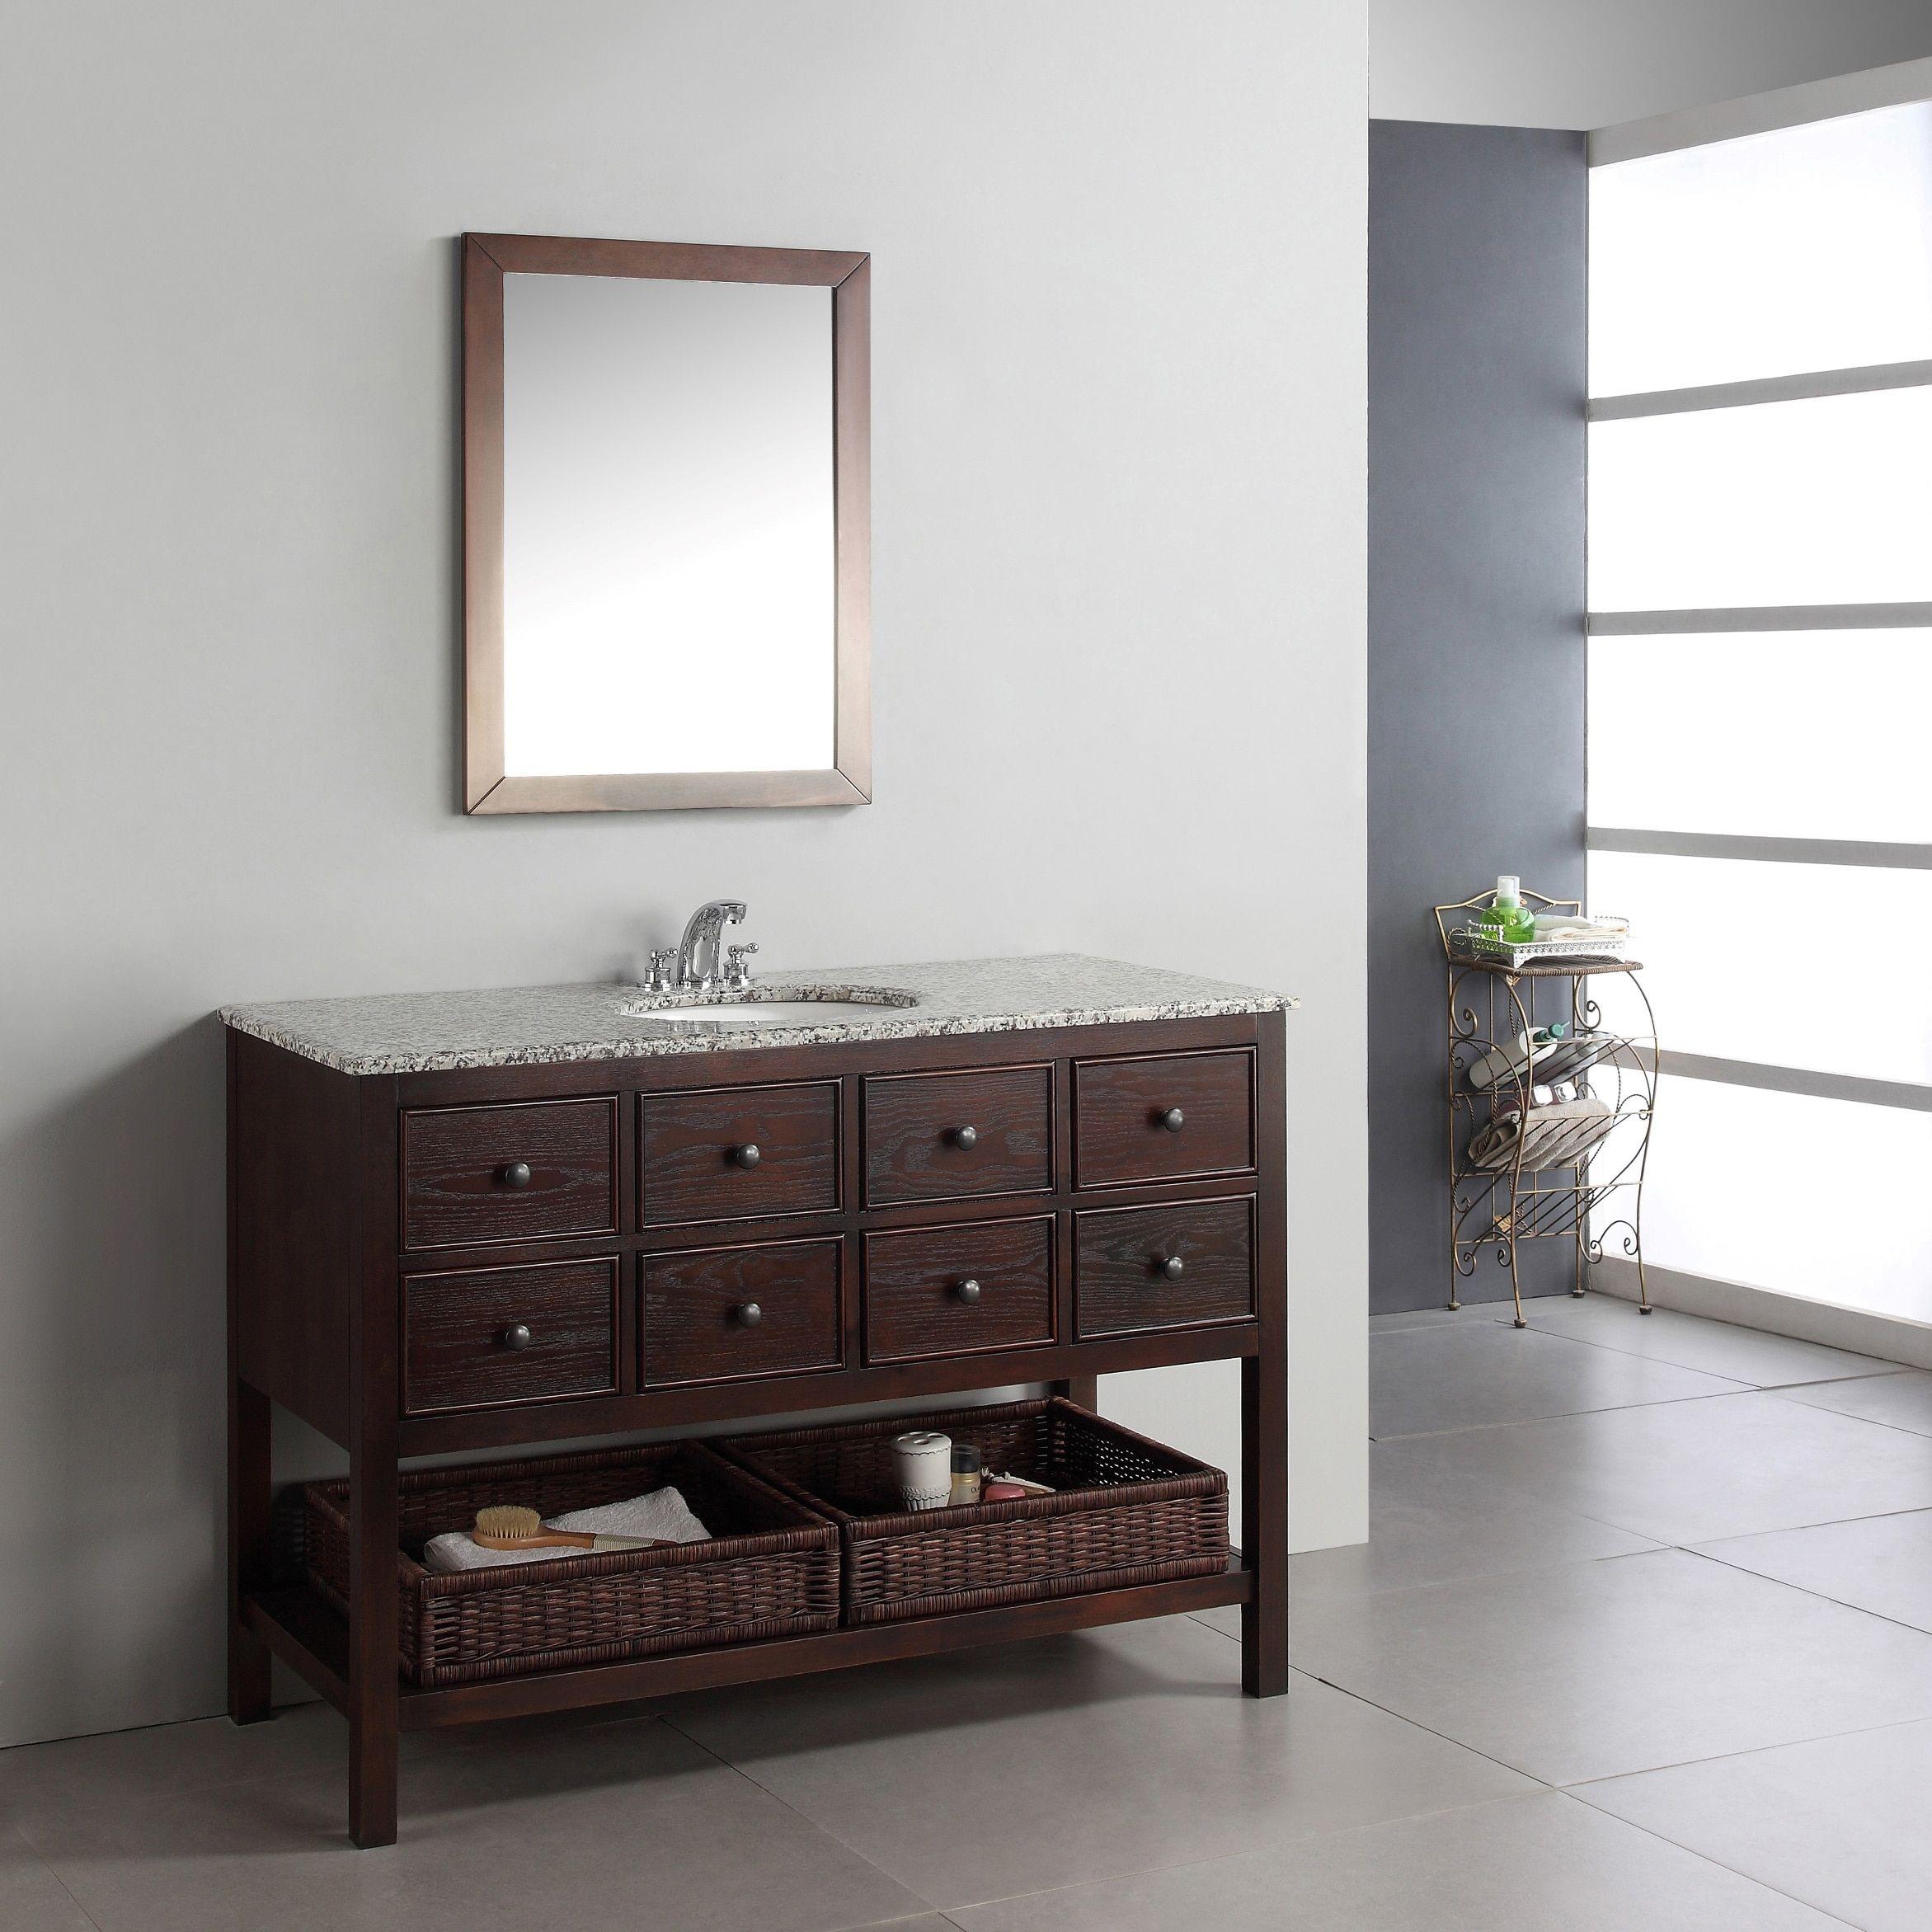 Wyndenhall new haven walnut brown drawer inch bath vanity set